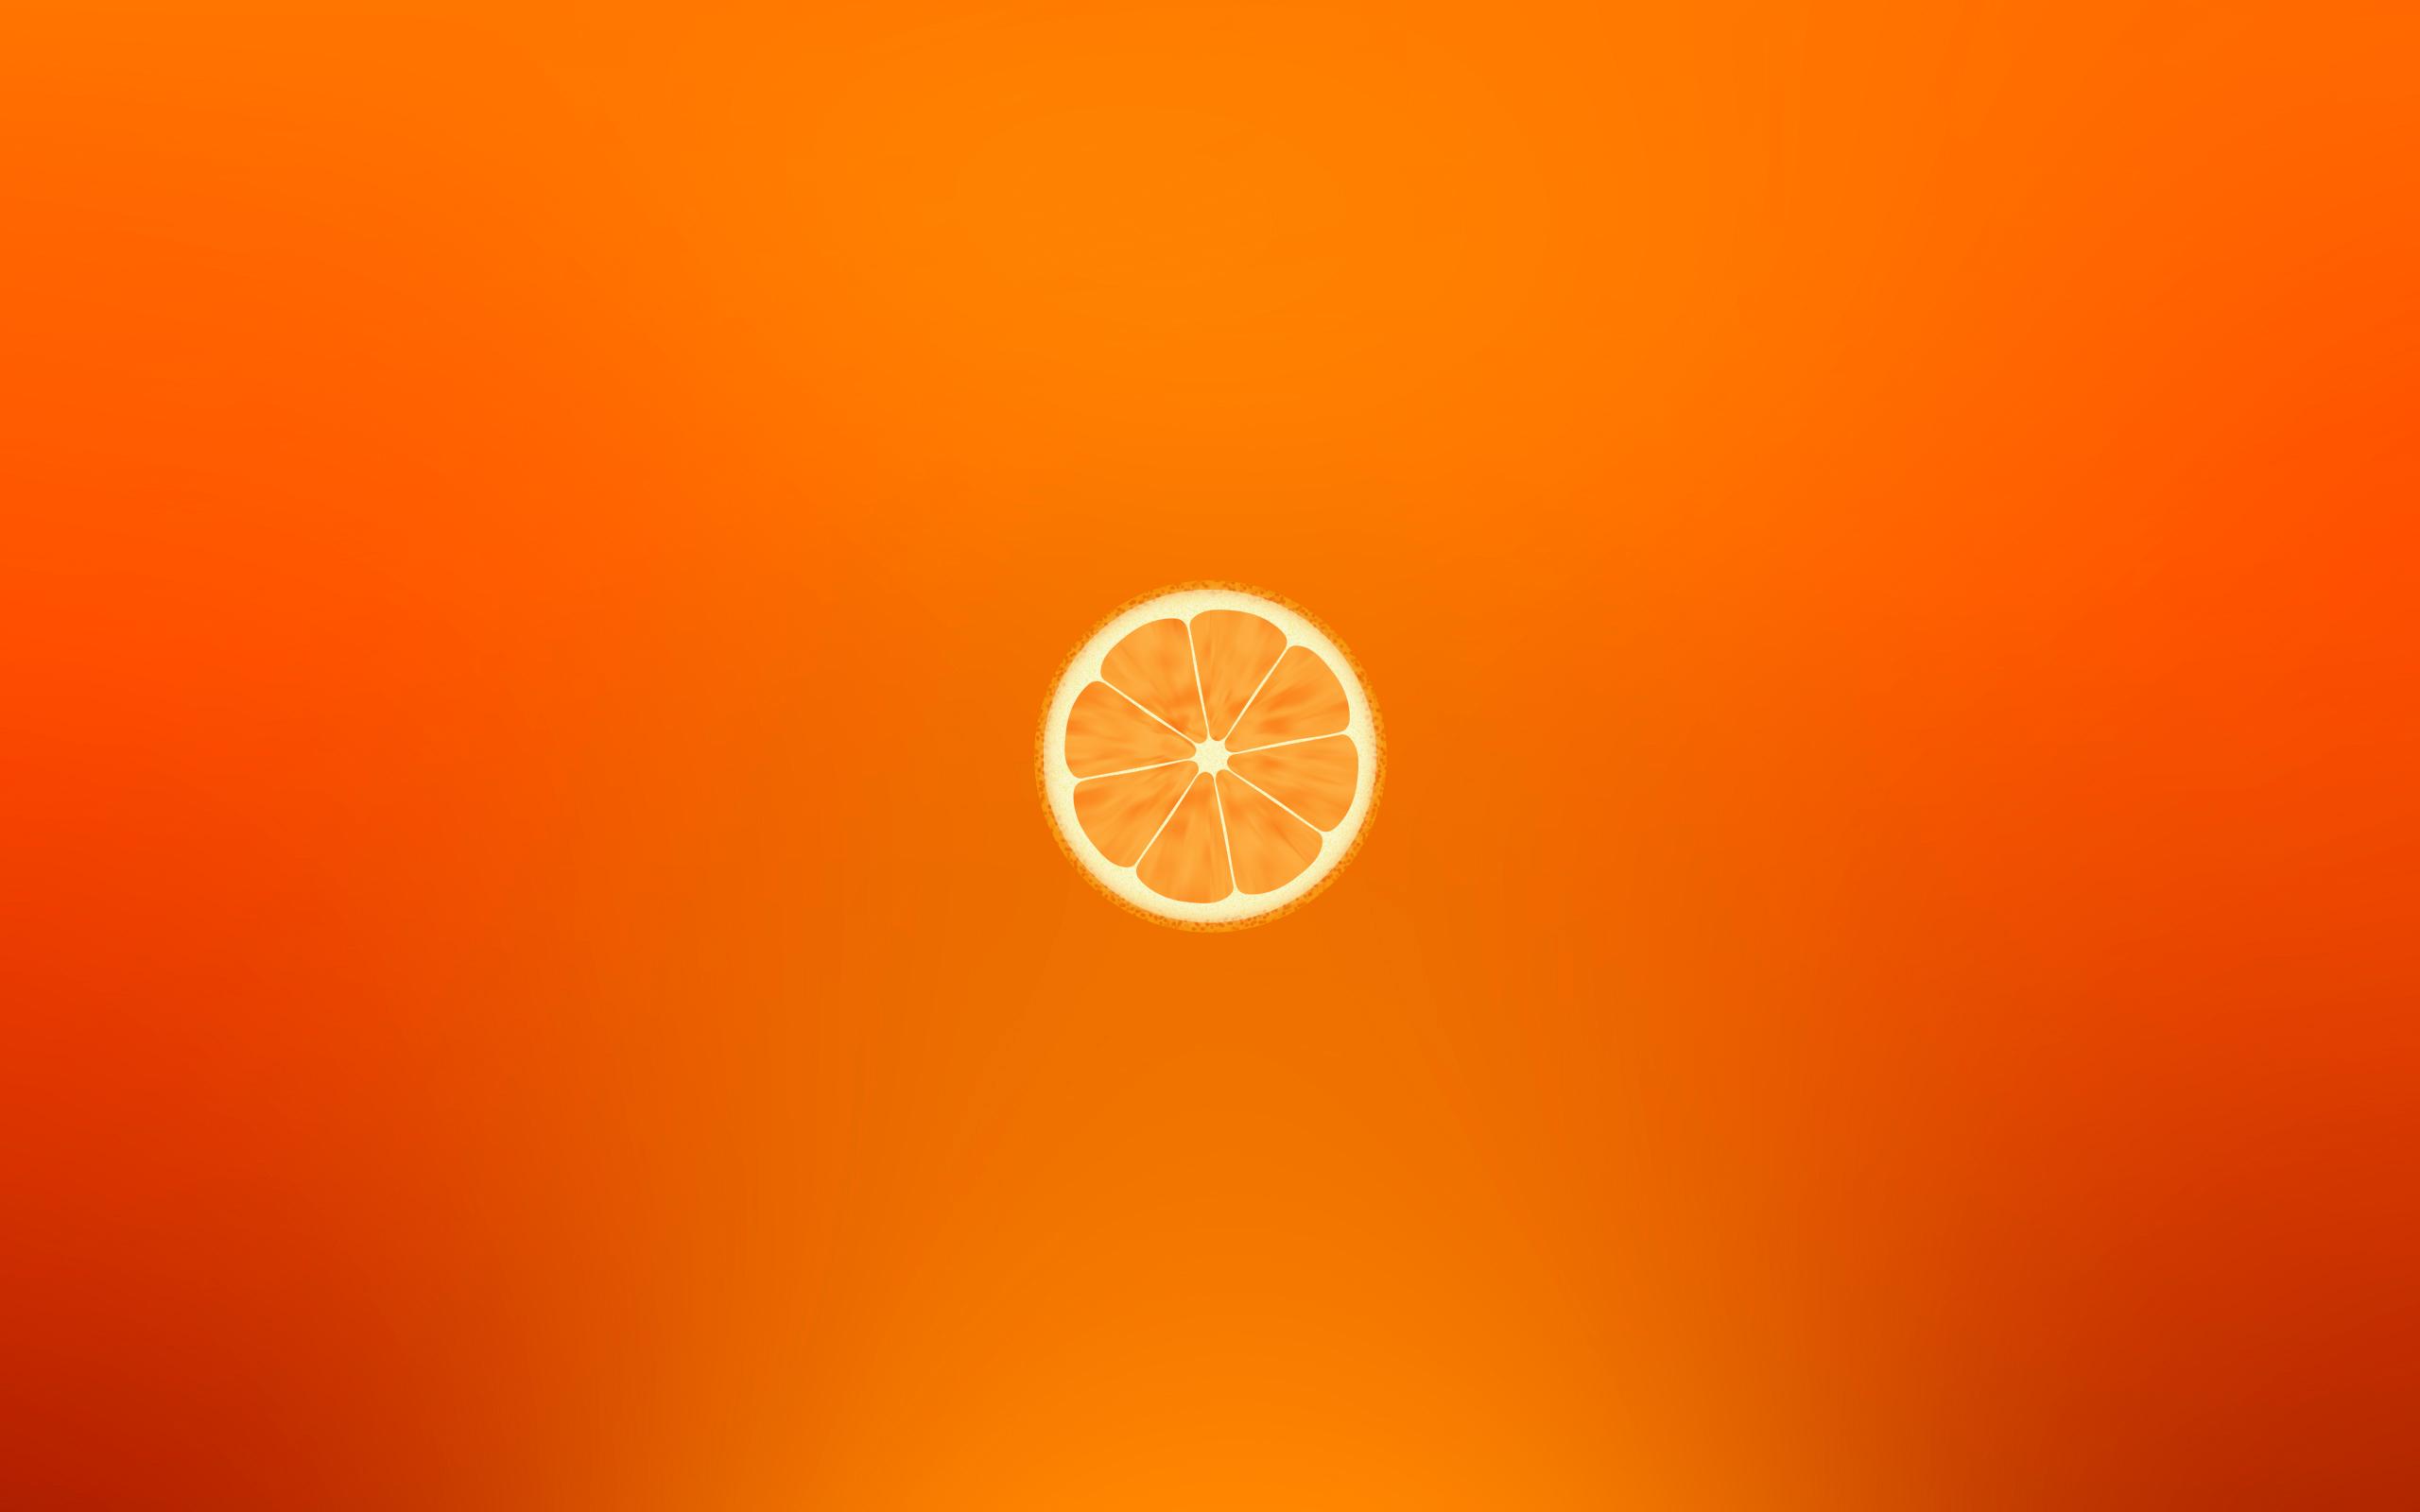 Апельсин Orange  № 2933069 бесплатно